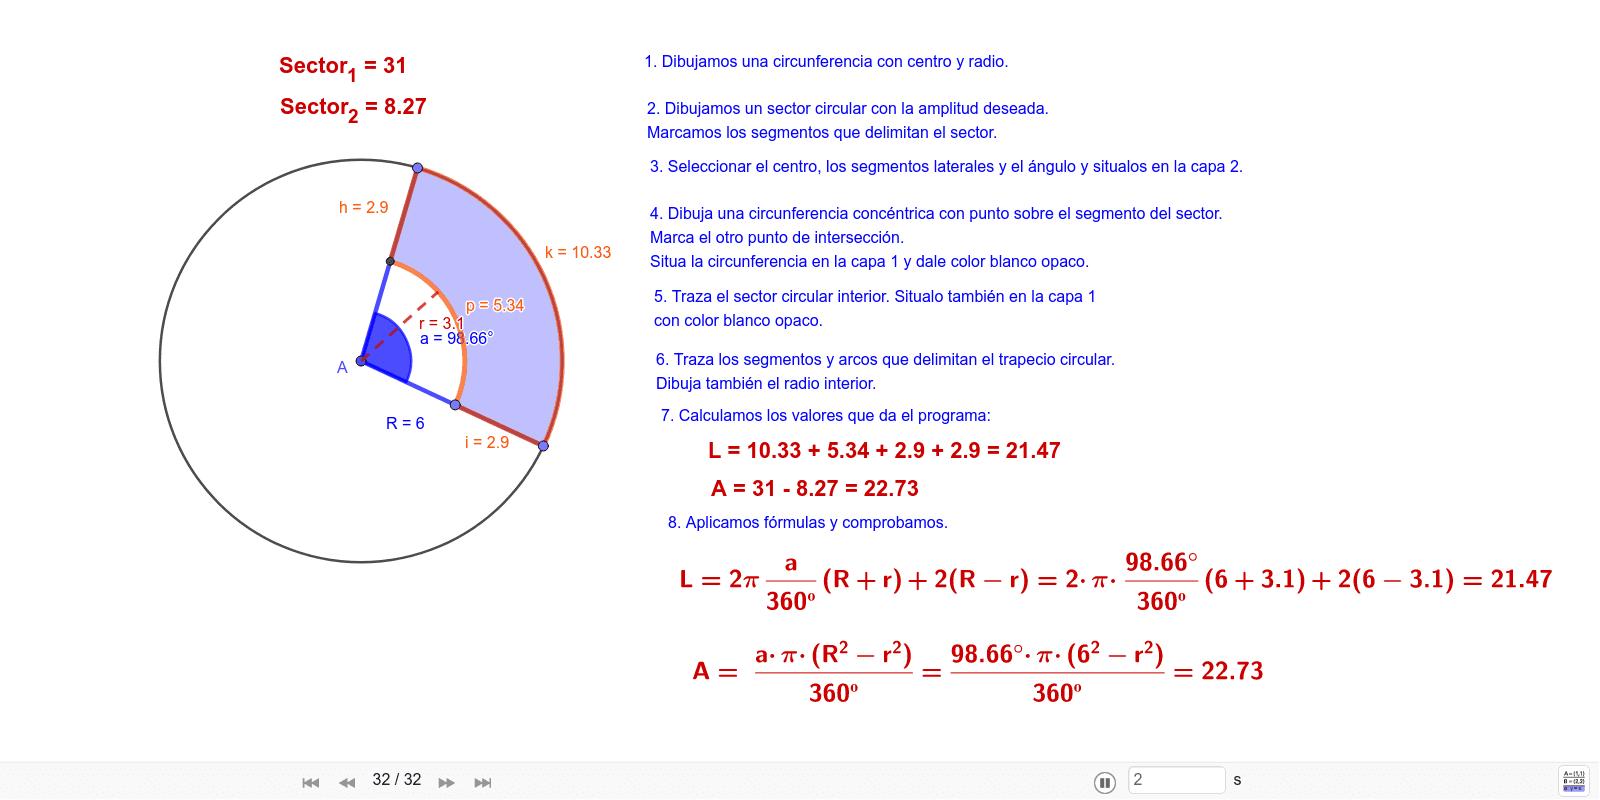 Trapecio circular: construcción y comprobación de fórmulas. Presiona Intro para comenzar la actividad